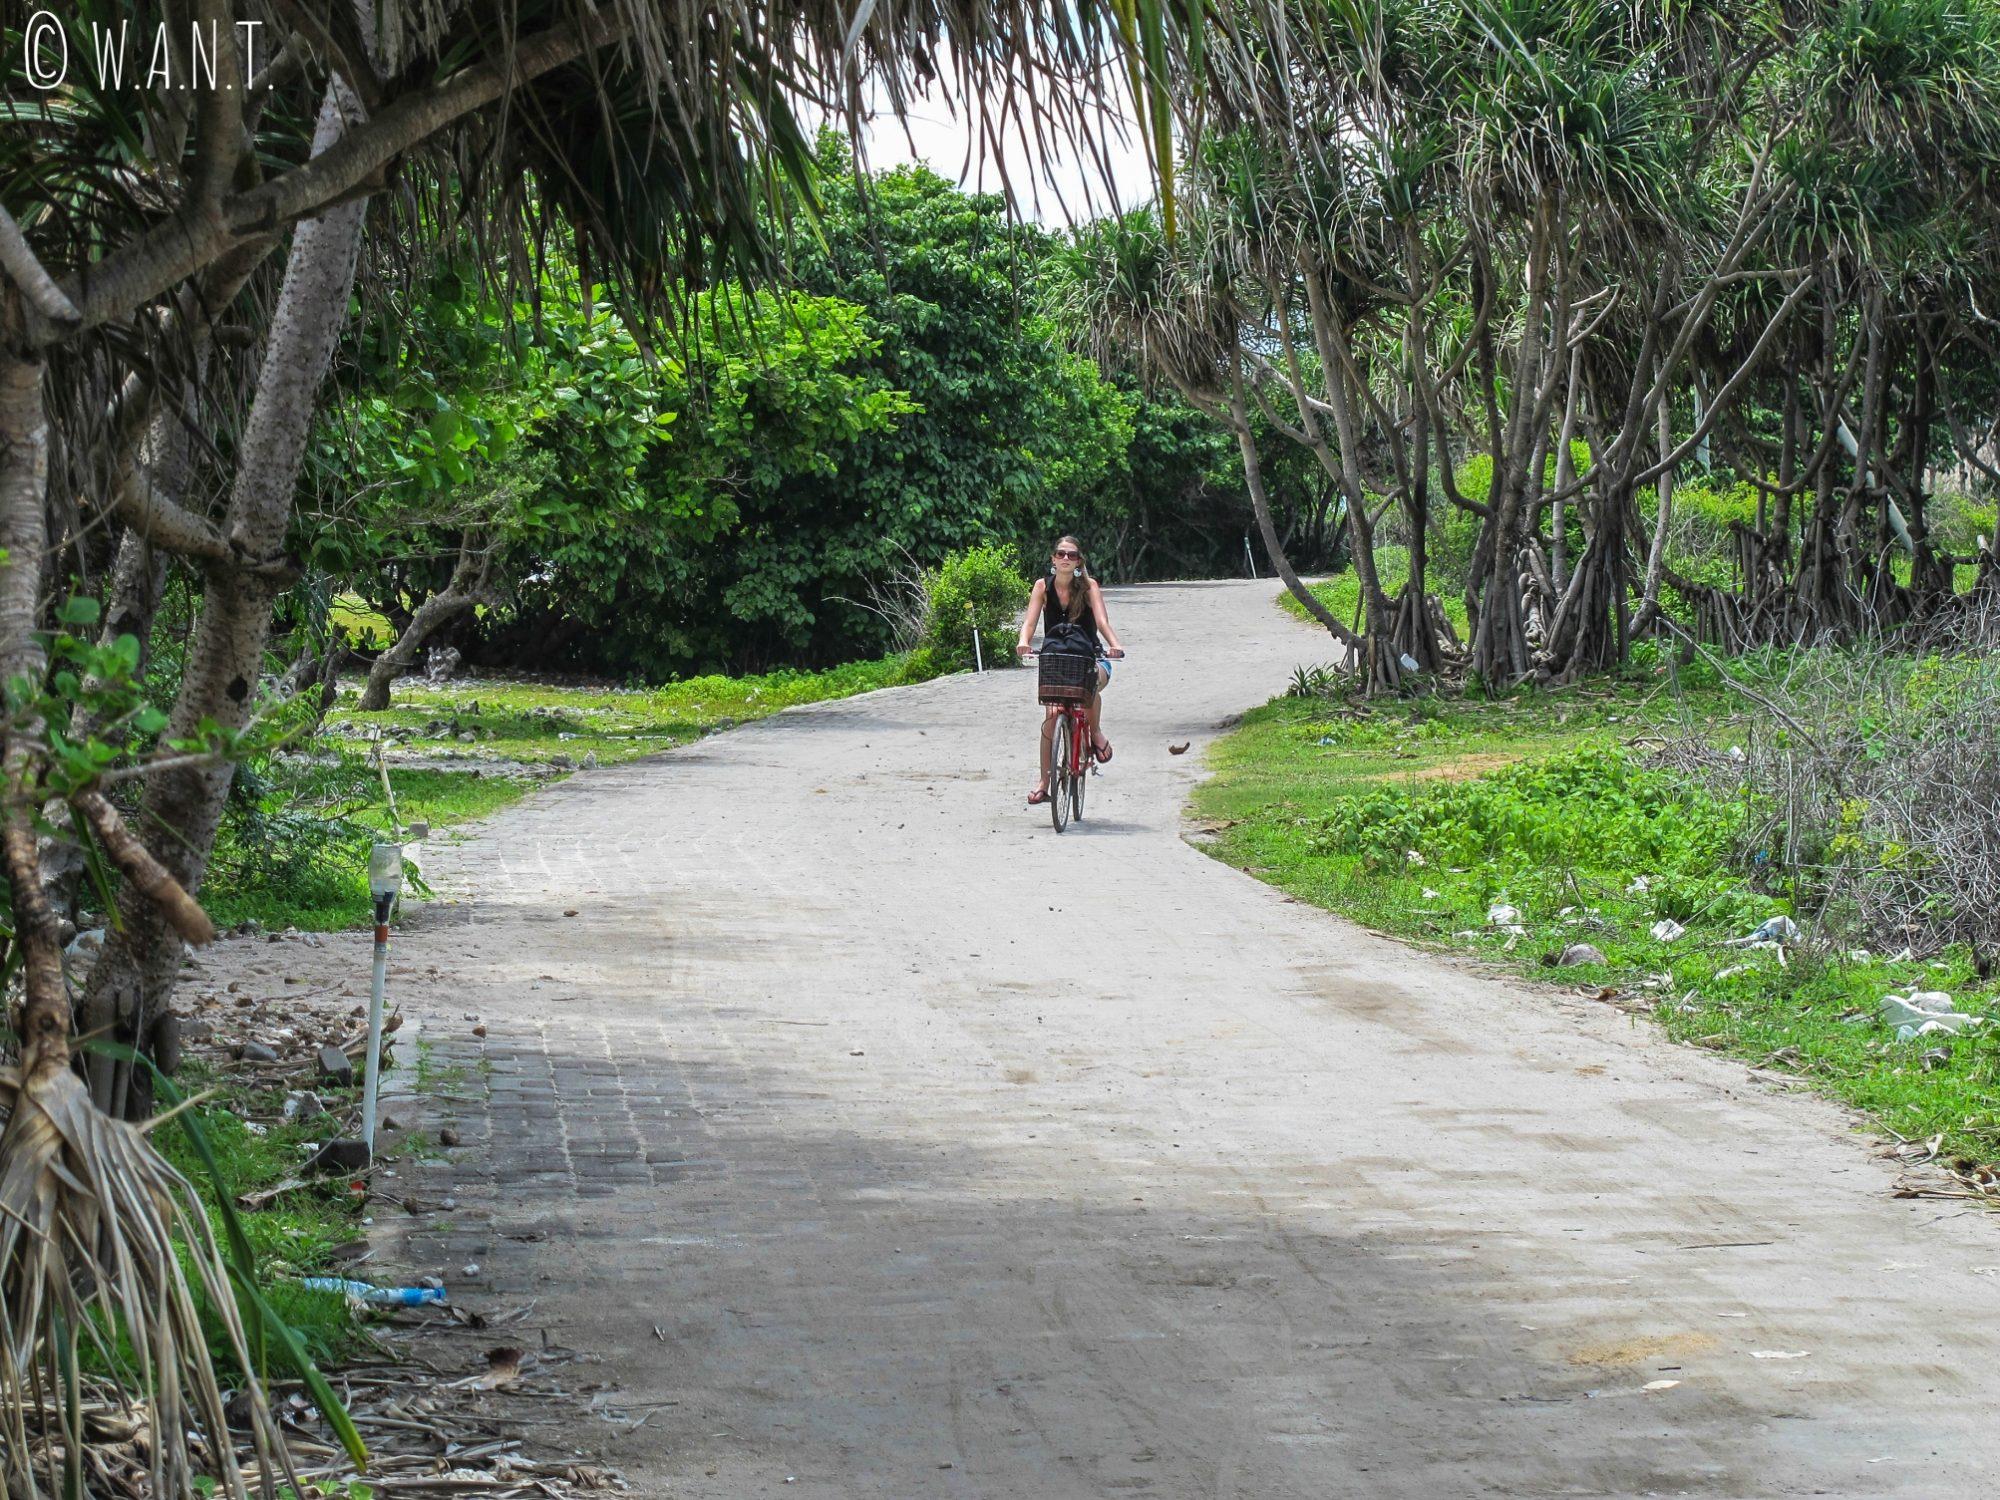 2015 - Promenade sur le sentier à l'ouest de l'île de Gili Trawangan